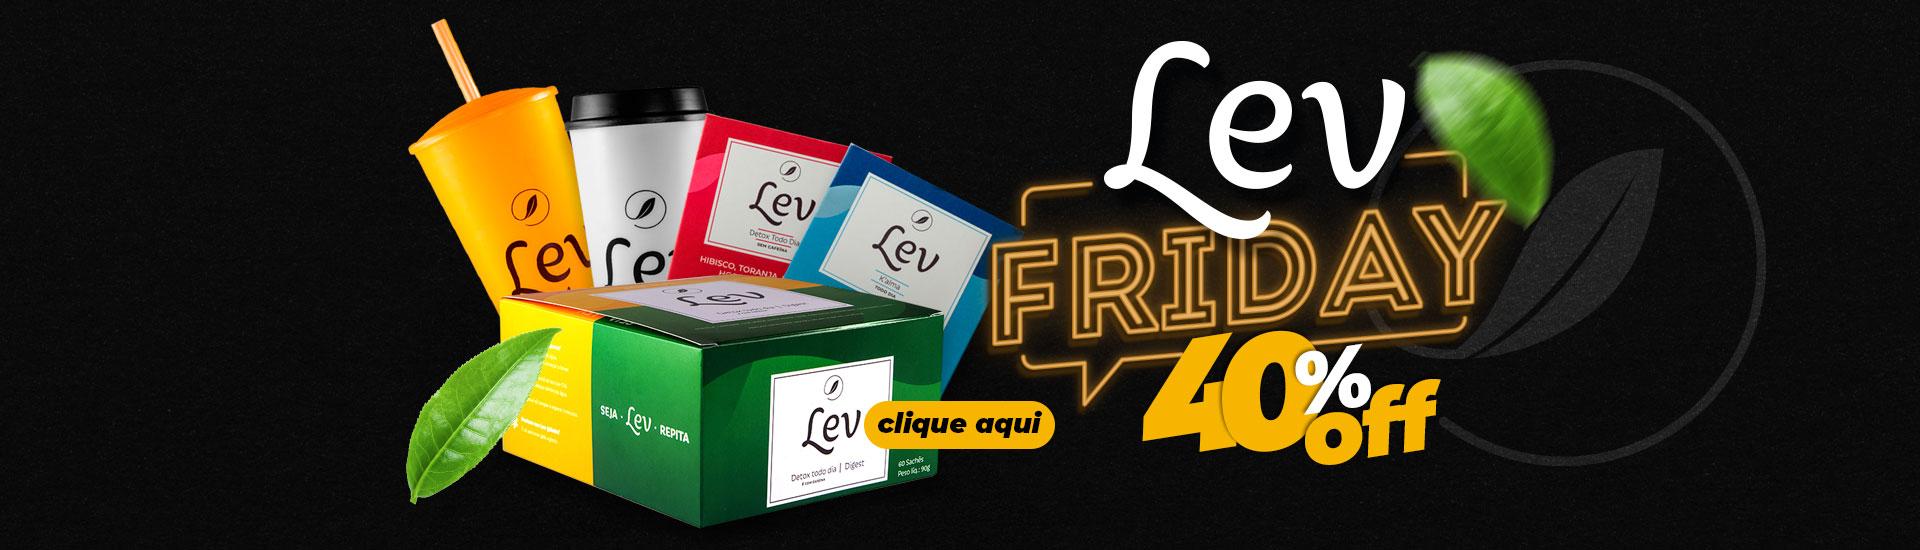 Lev Friday